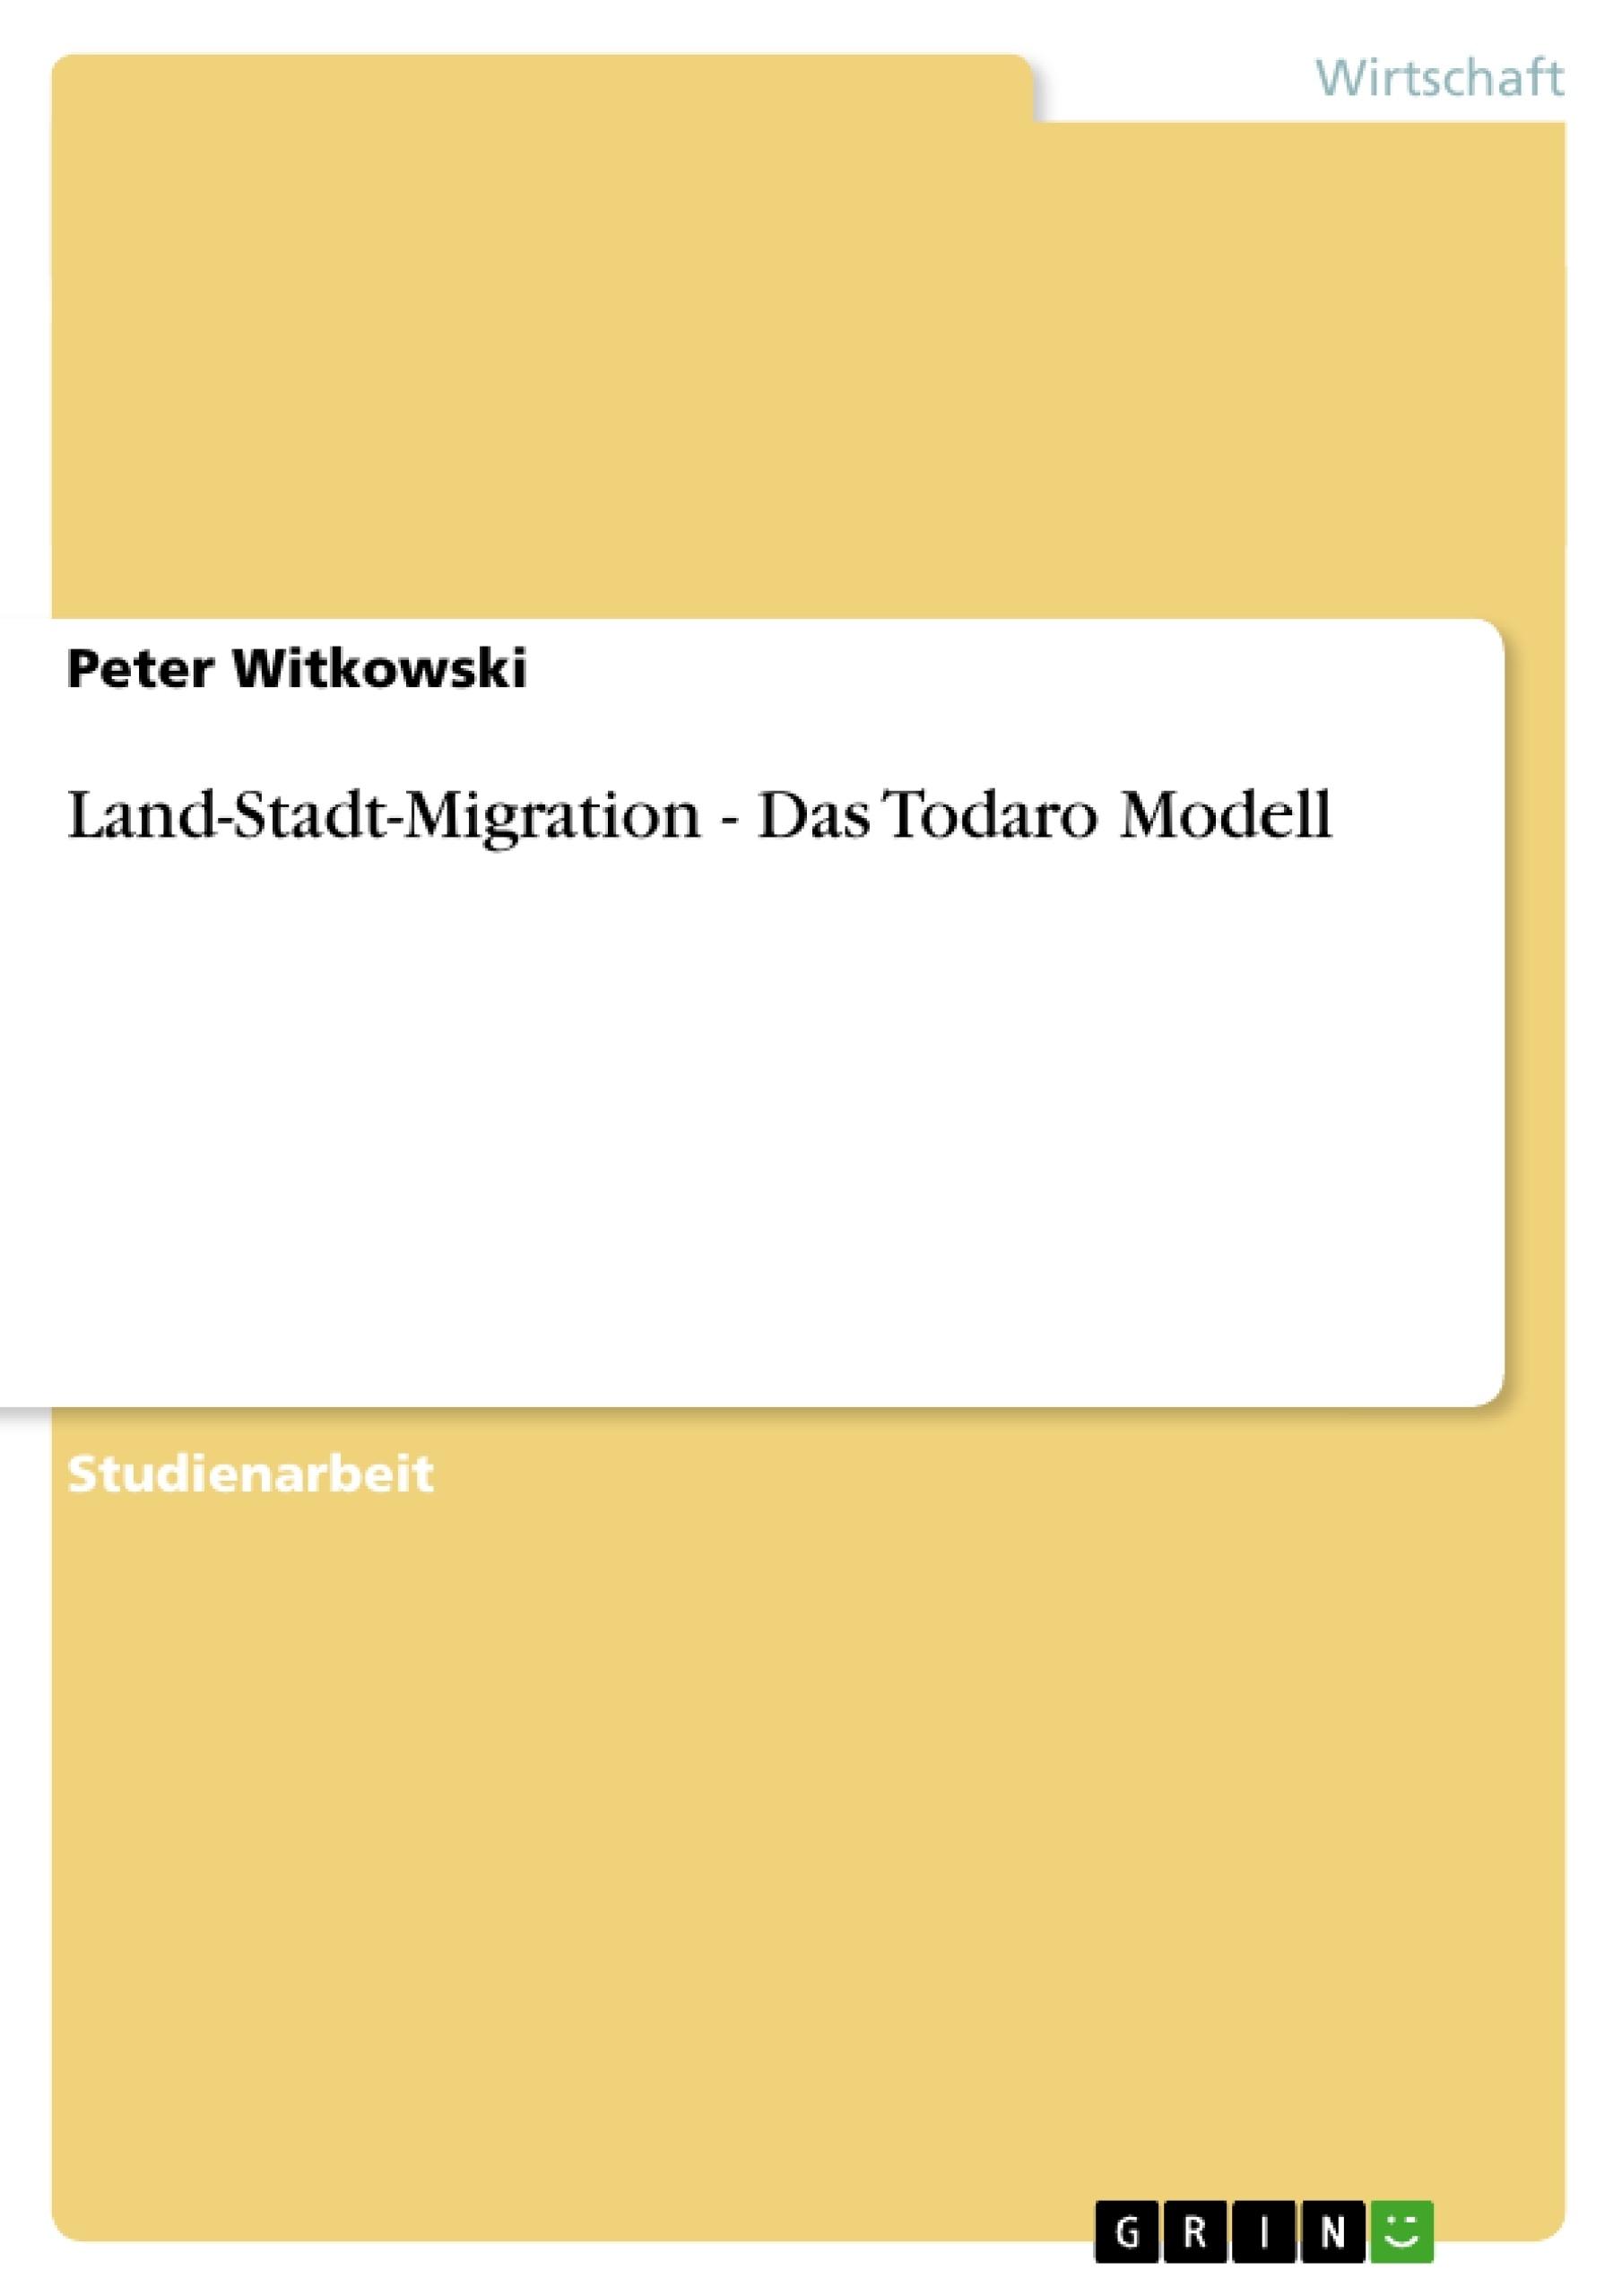 Titel: Land-Stadt-Migration - Das Todaro Modell